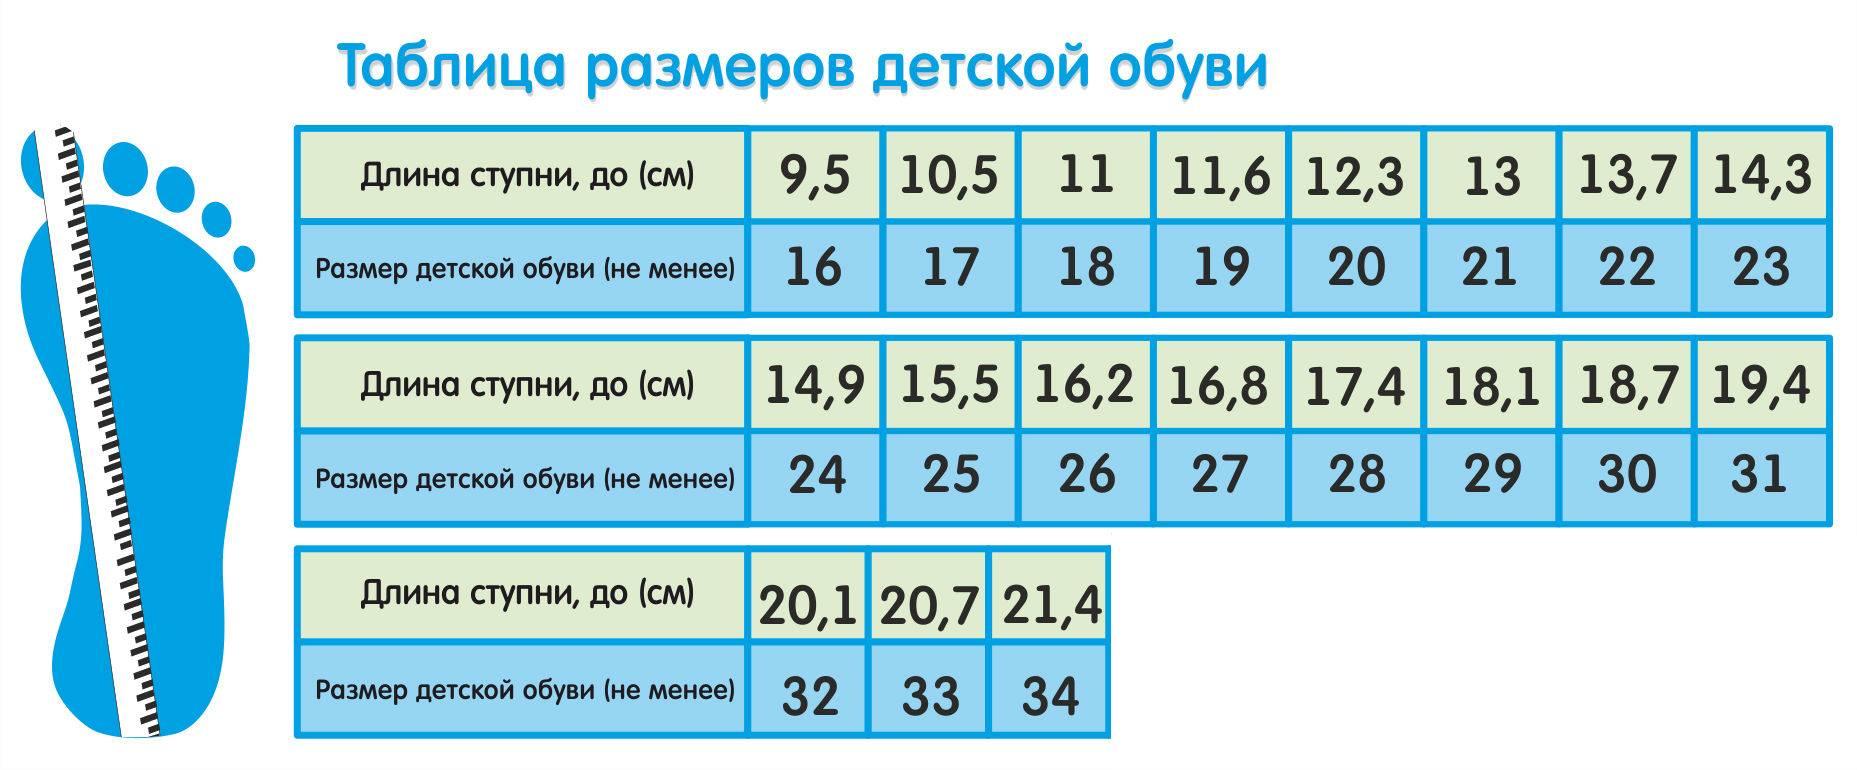 Детская обувь по размерам (таблица в см), полнота